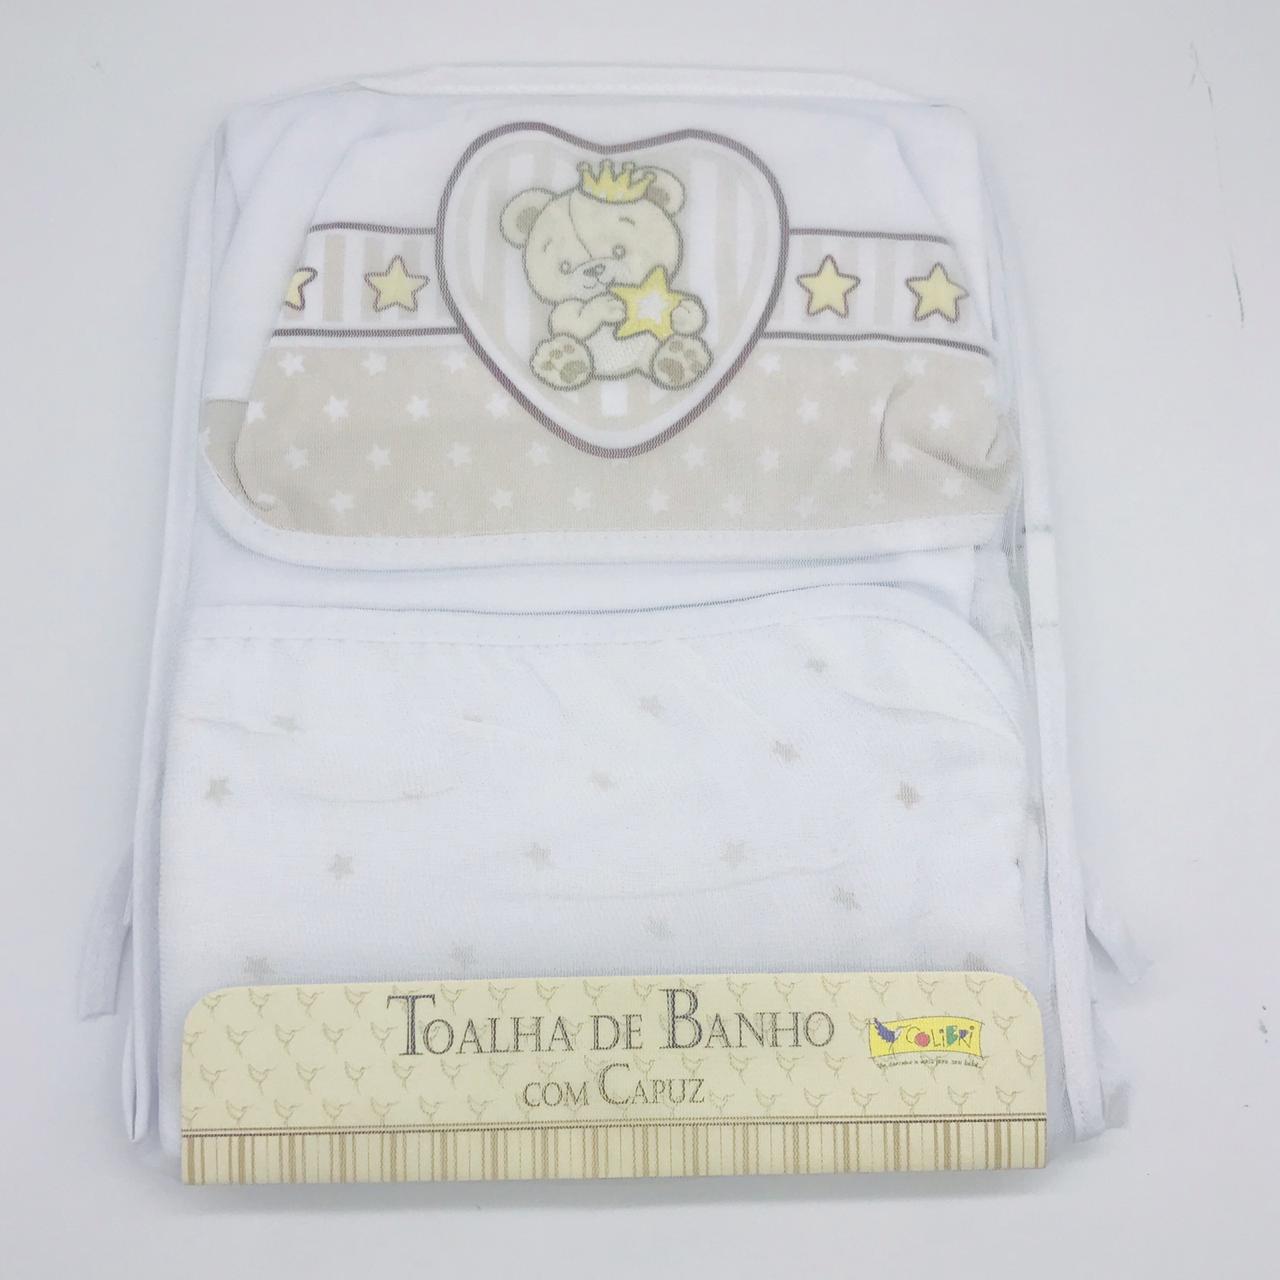 Toalha de Banho Com Fralda Capuz Estampado Superstar Bege - Colibri Ref 1130870836908